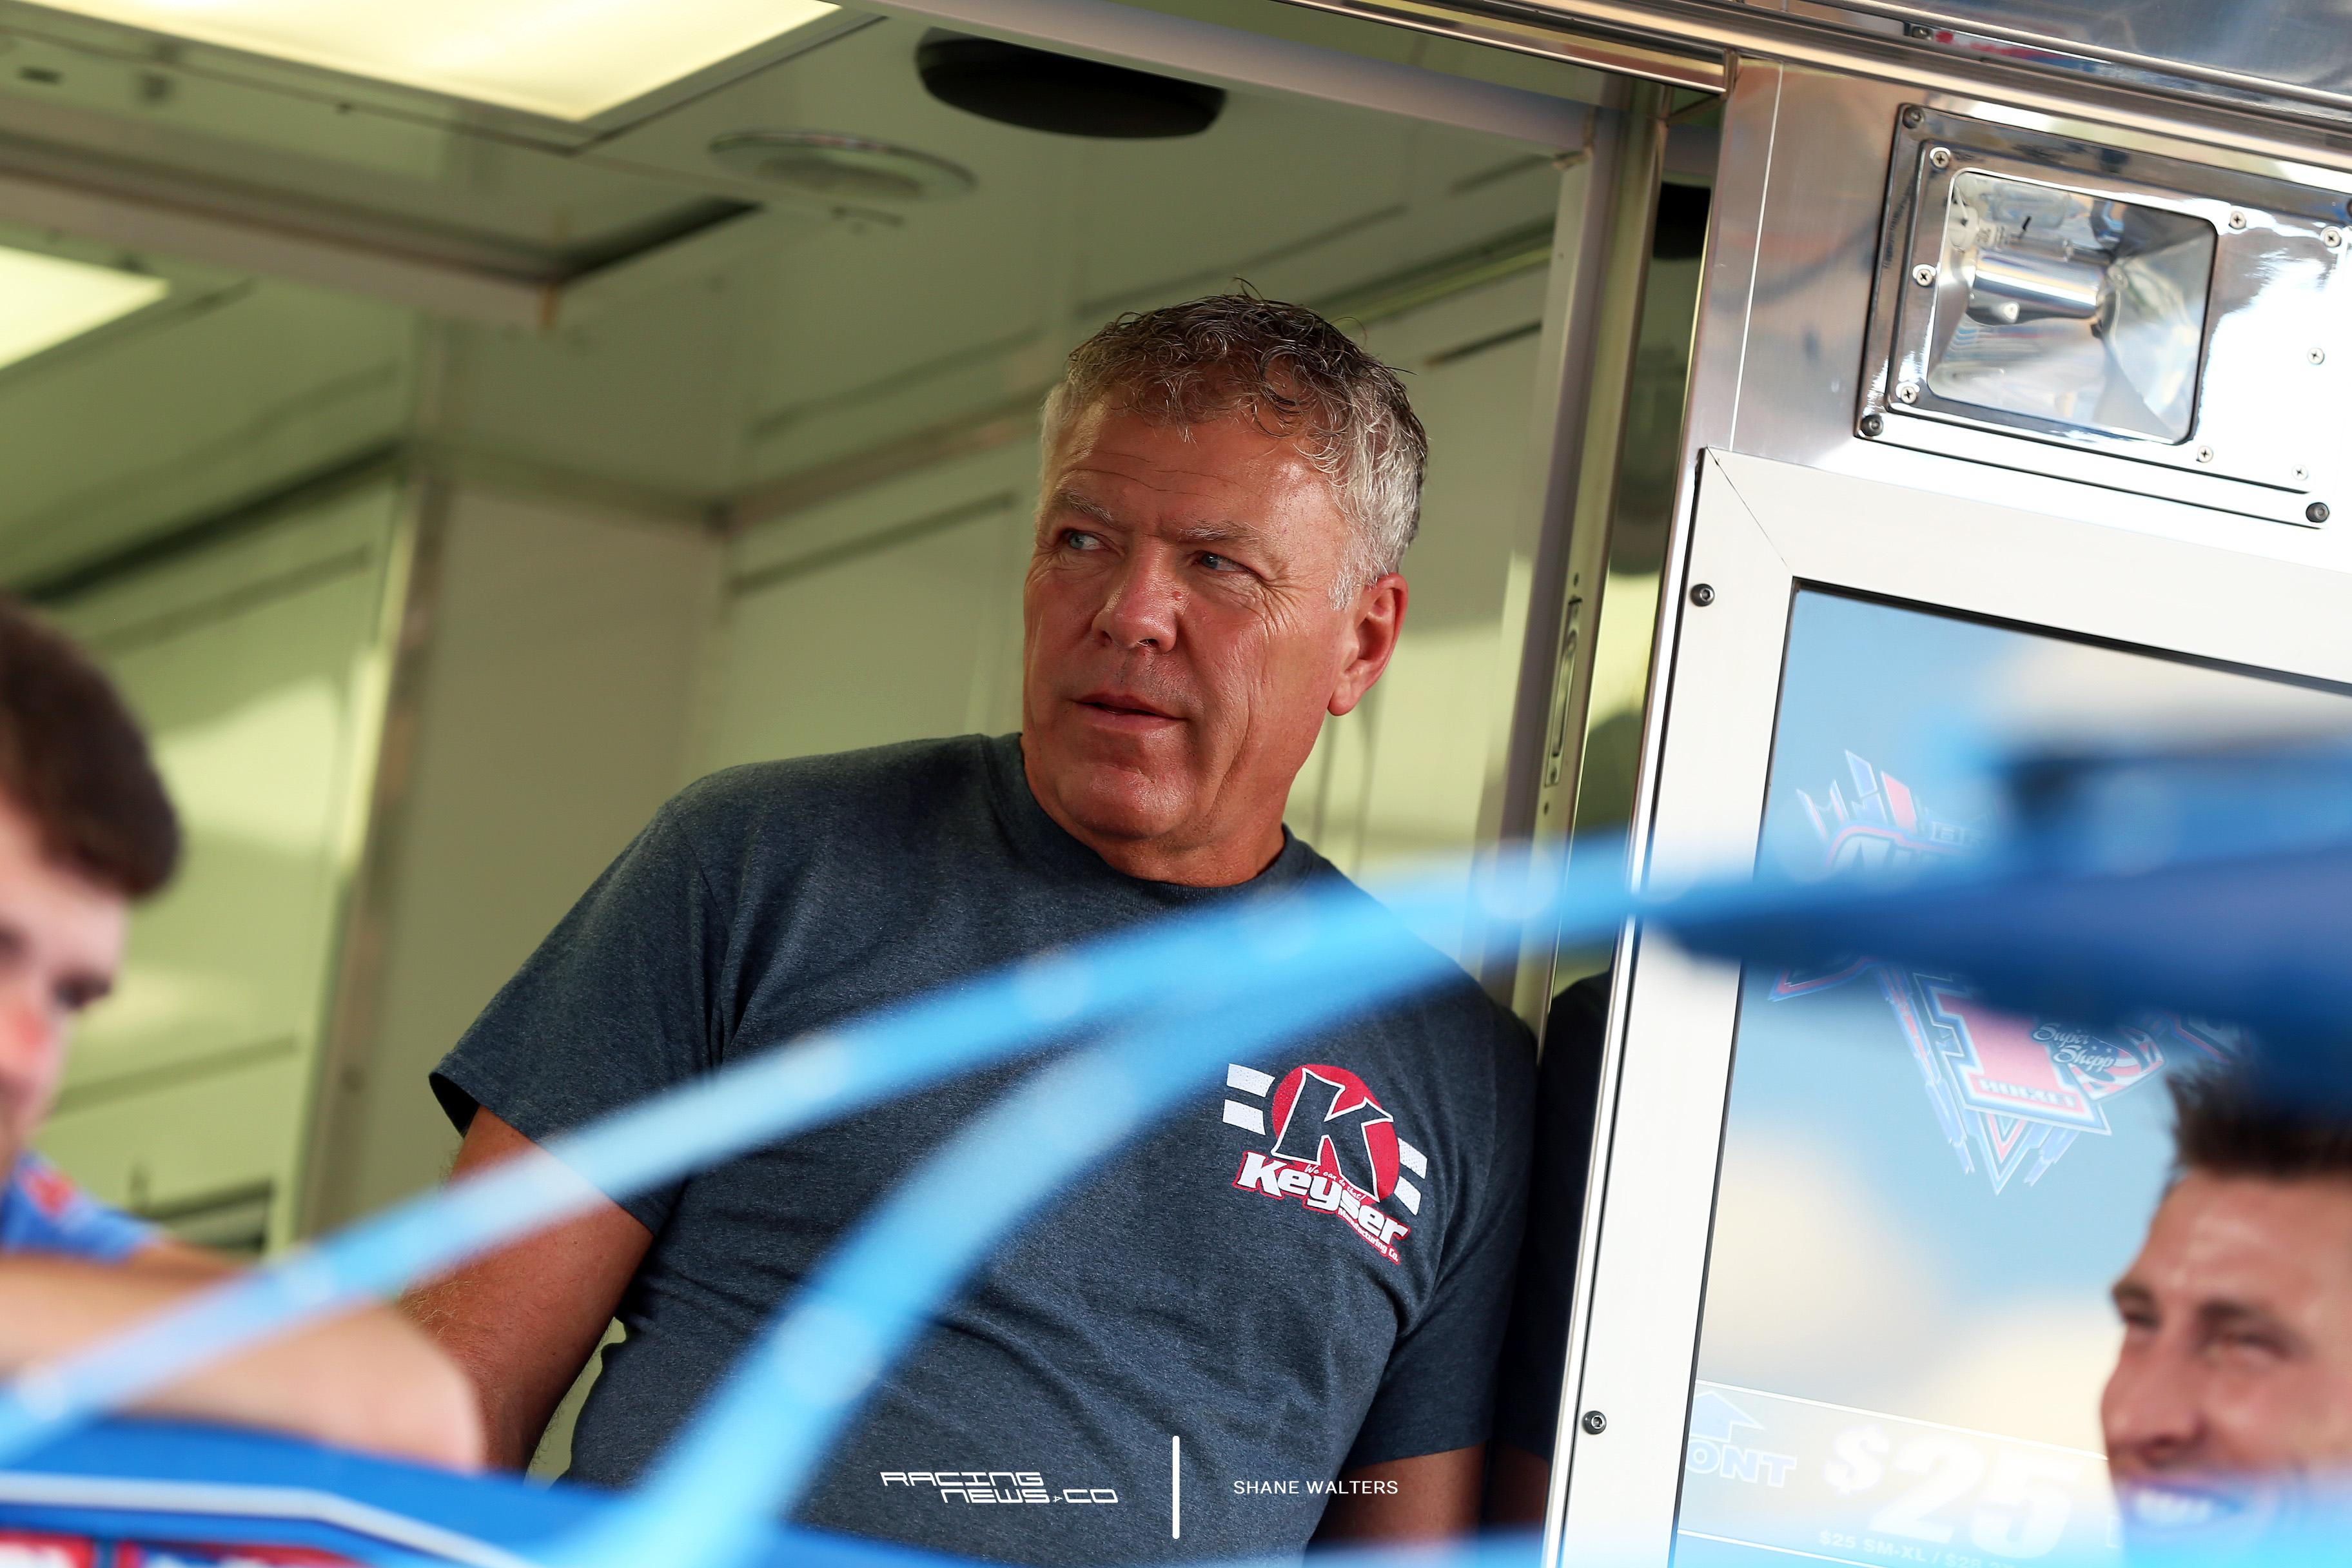 Mark Richards at the Rocket1 Racing hauler 9187